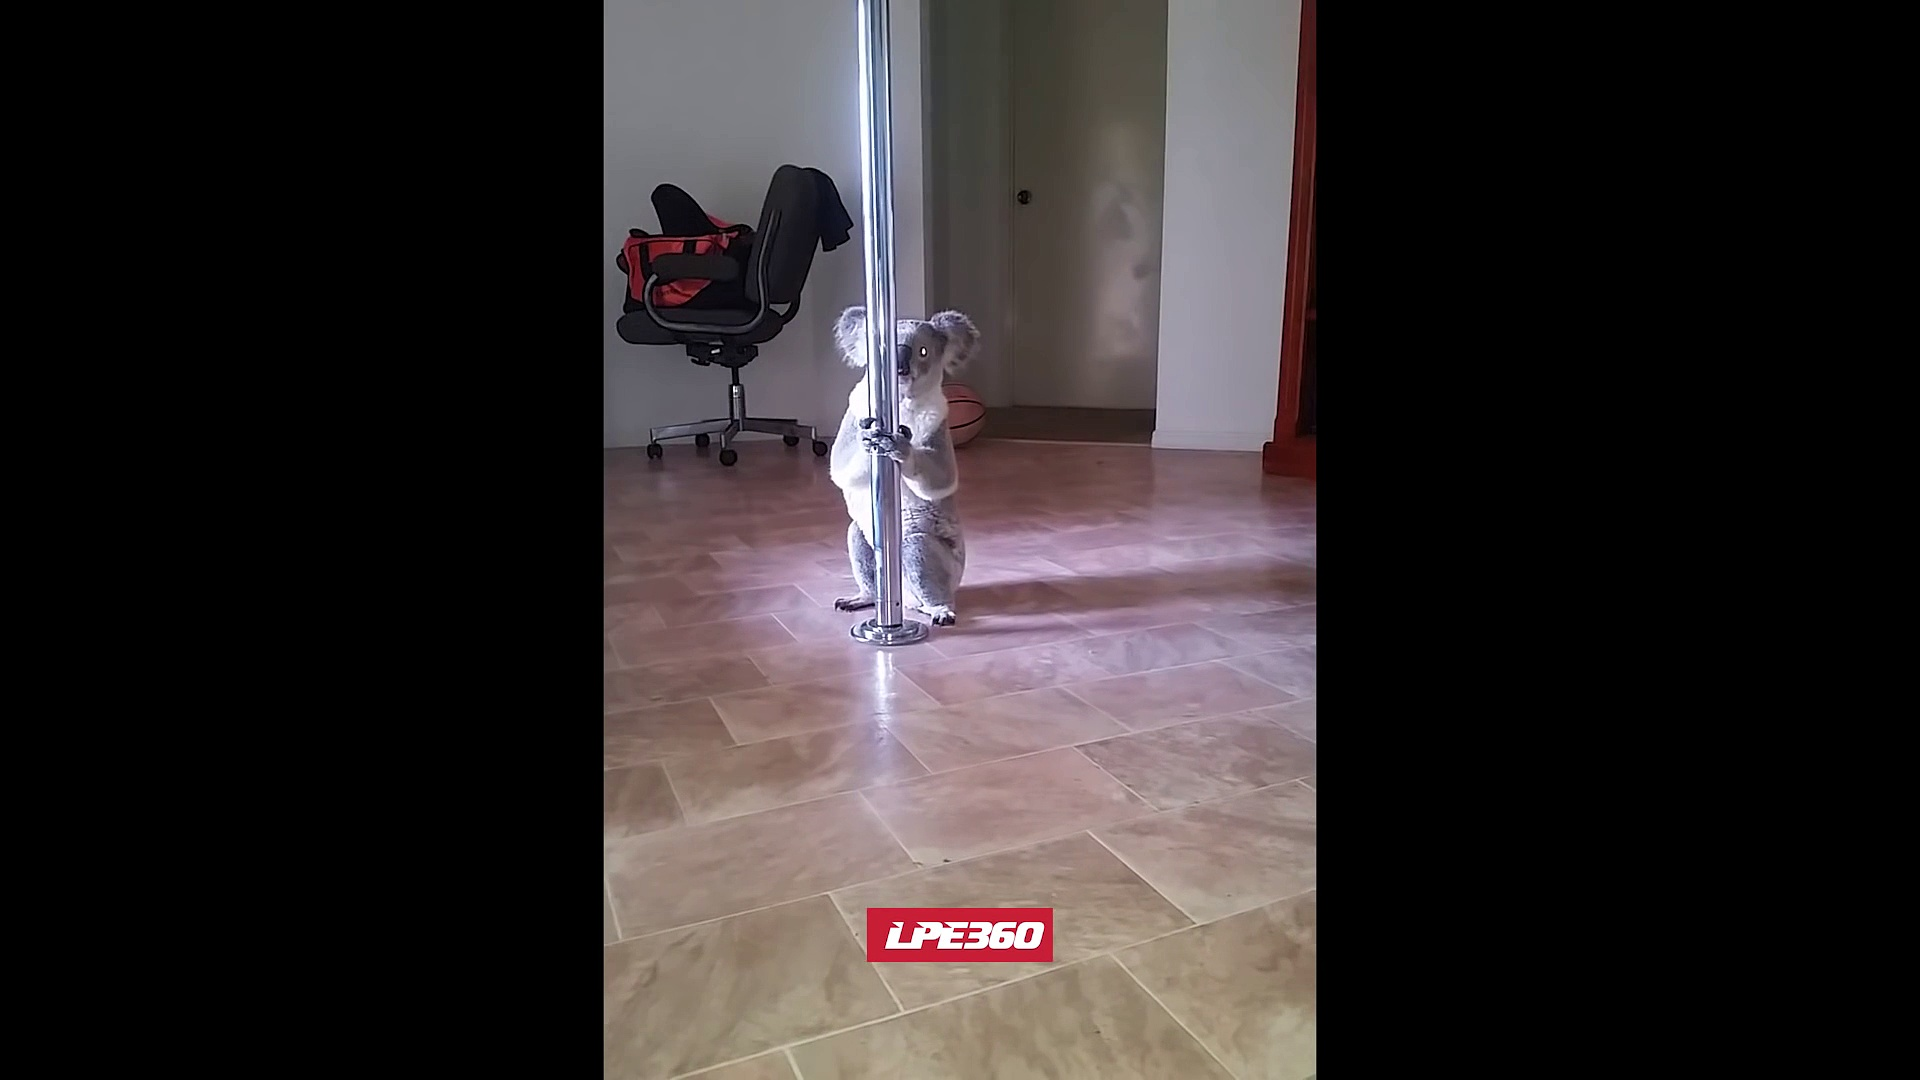 Ce koala fait irruption dans la maison d'une femme et essaye pour la première fois le pôle dance.